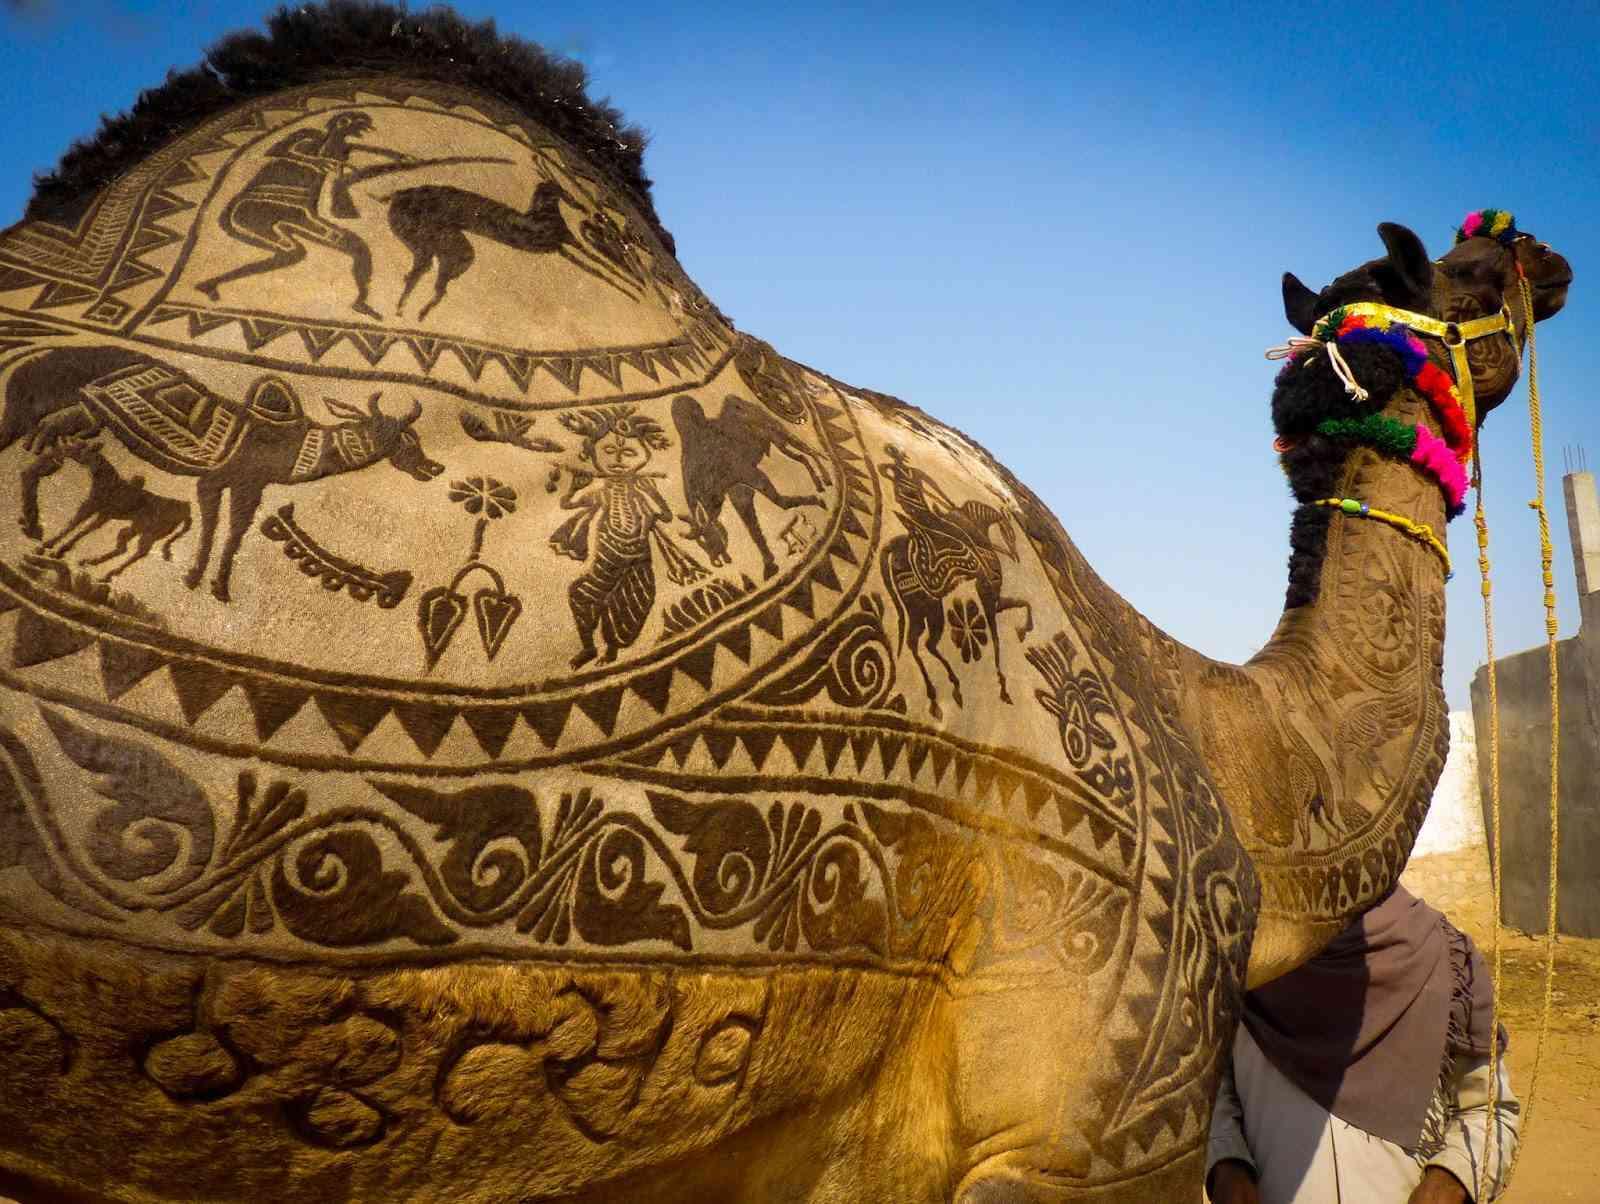 camel in Bikaner camel fair